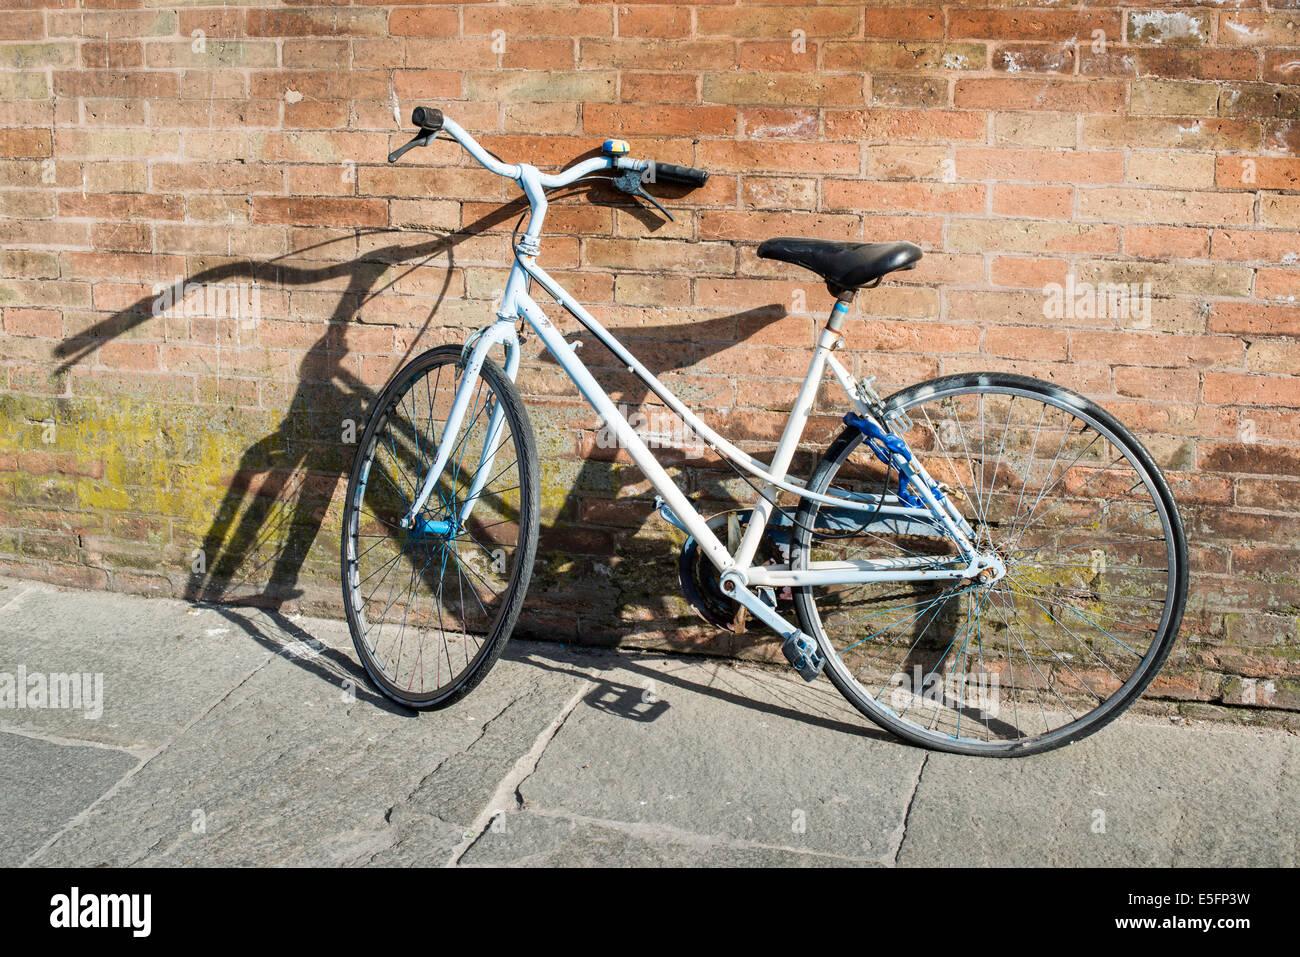 Alte italienische Fahrrad auf Sonnenlicht. Alte Gebäude Stockfoto